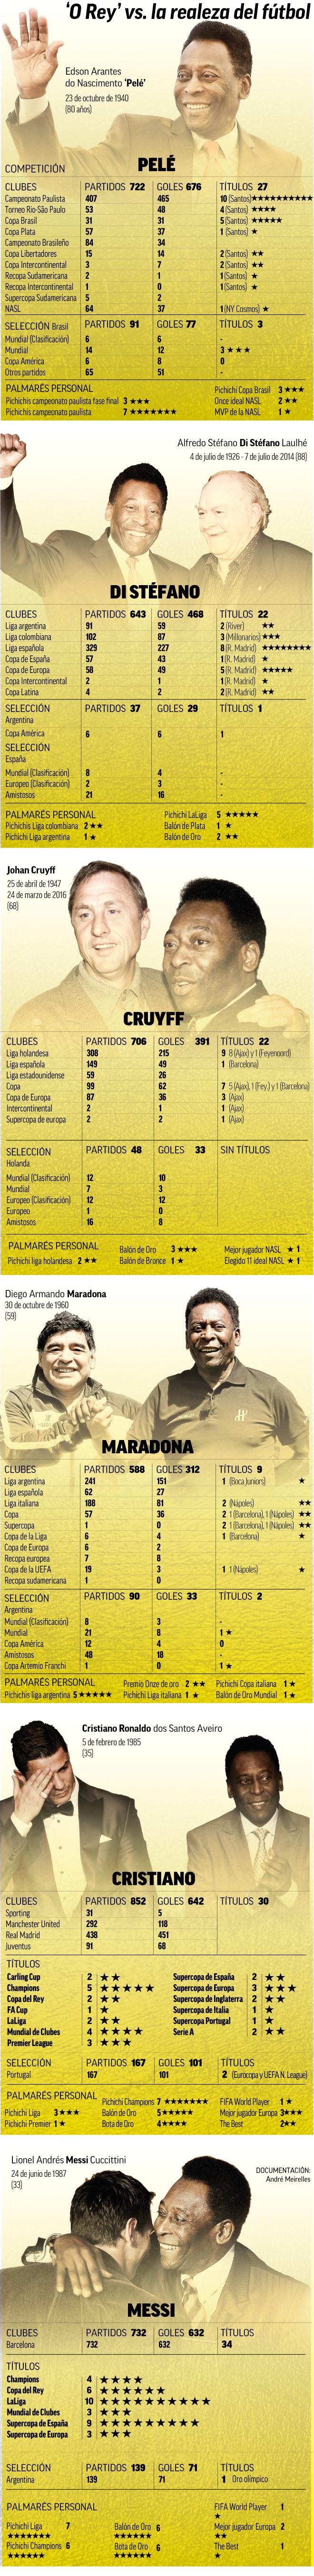 80 Años De O Reinado No Hubo Otro Como Pelé Messi Incluido Marca Com